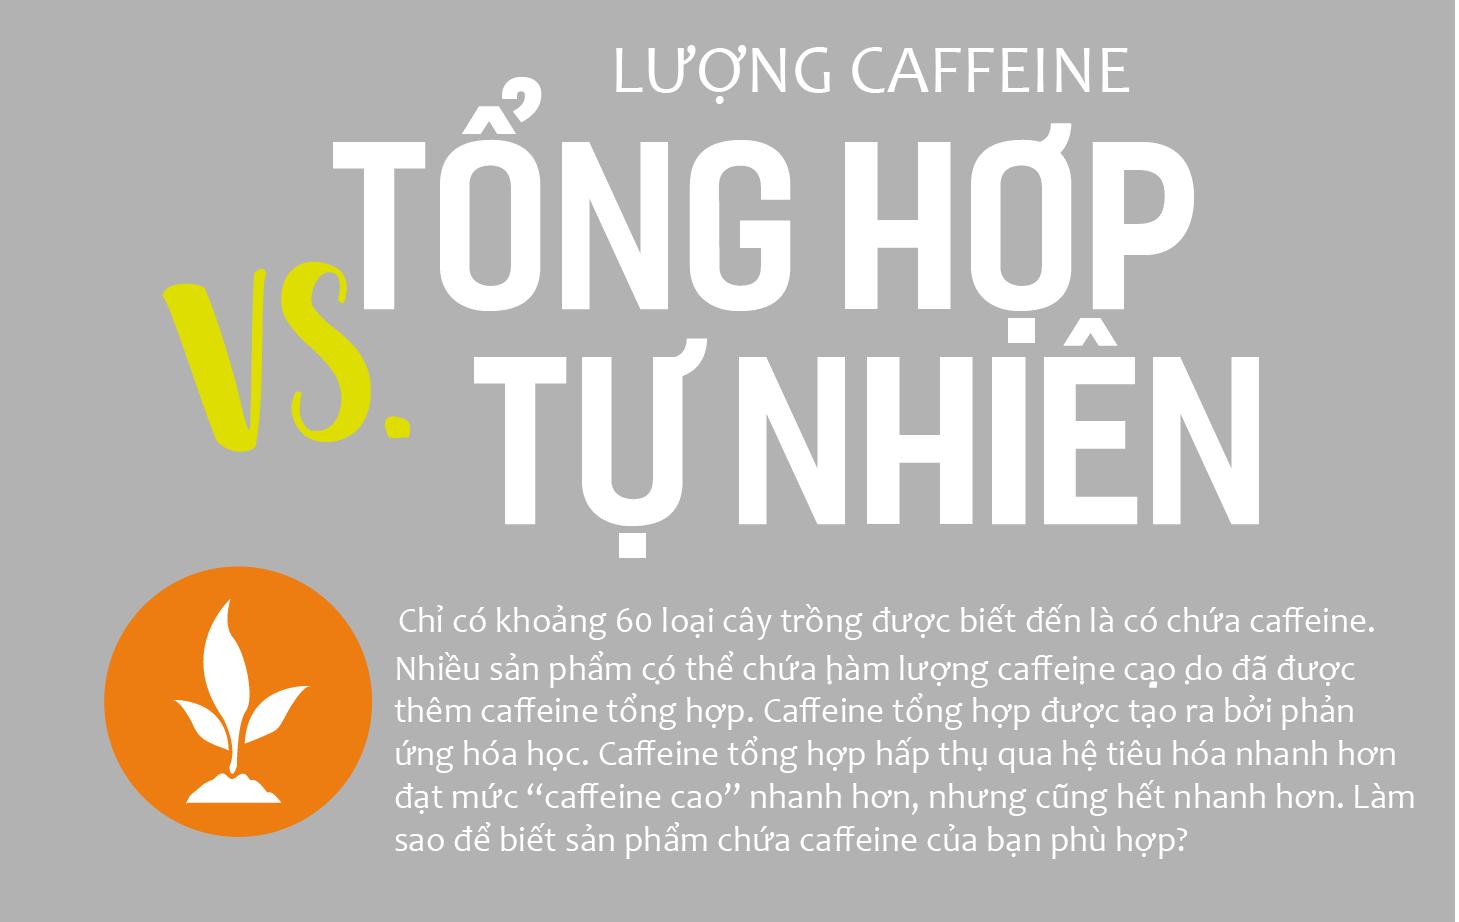 Lượng caffeine tổng hợp vs caffeine tự nhiên